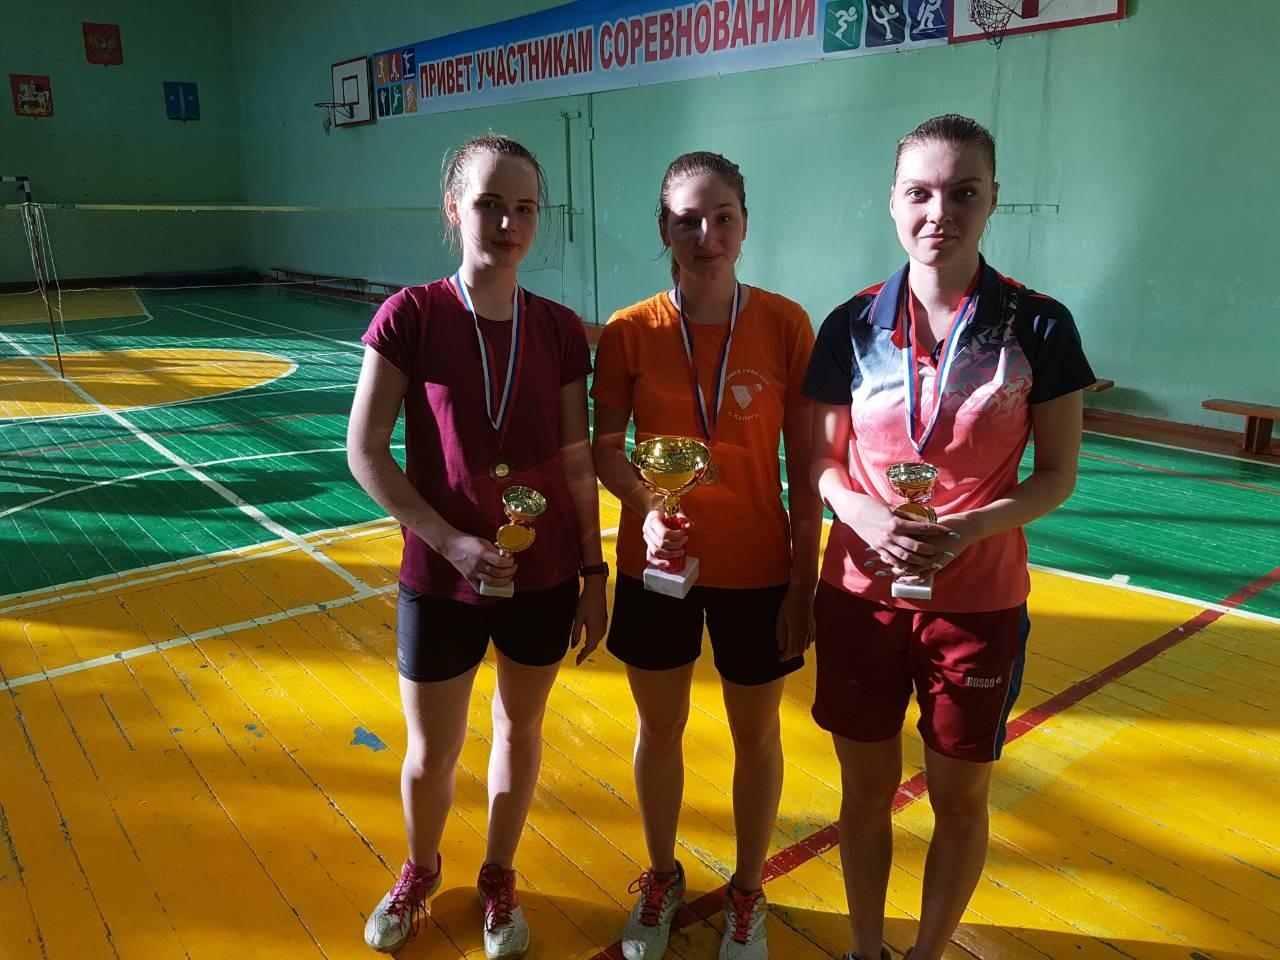 Итоги Открытого Чемпионата Коломенского городского округа по бадминтону